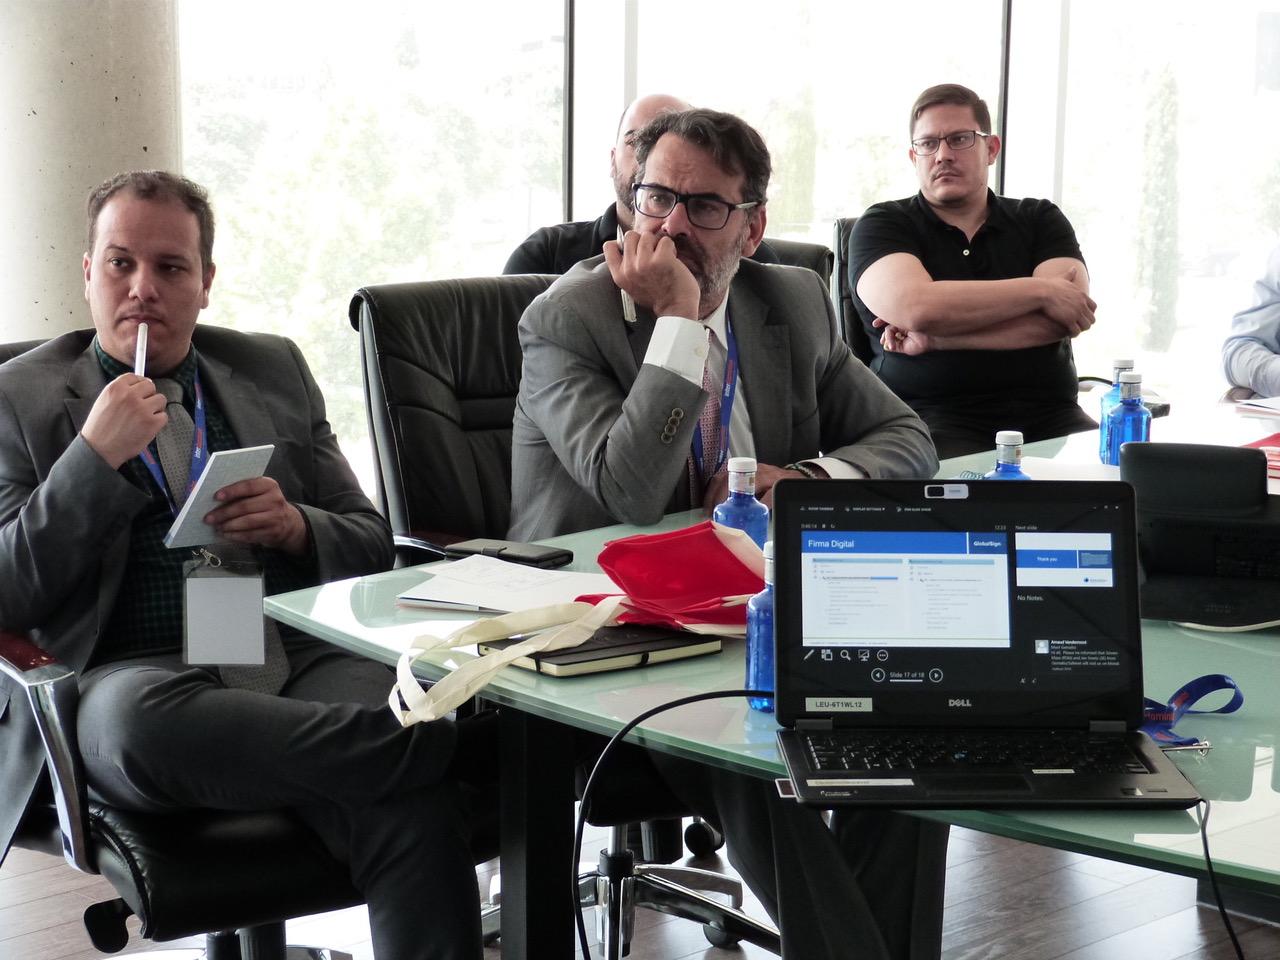 Sesión formativa en relación a lacertificación web, firma electrónica y firma de documentos